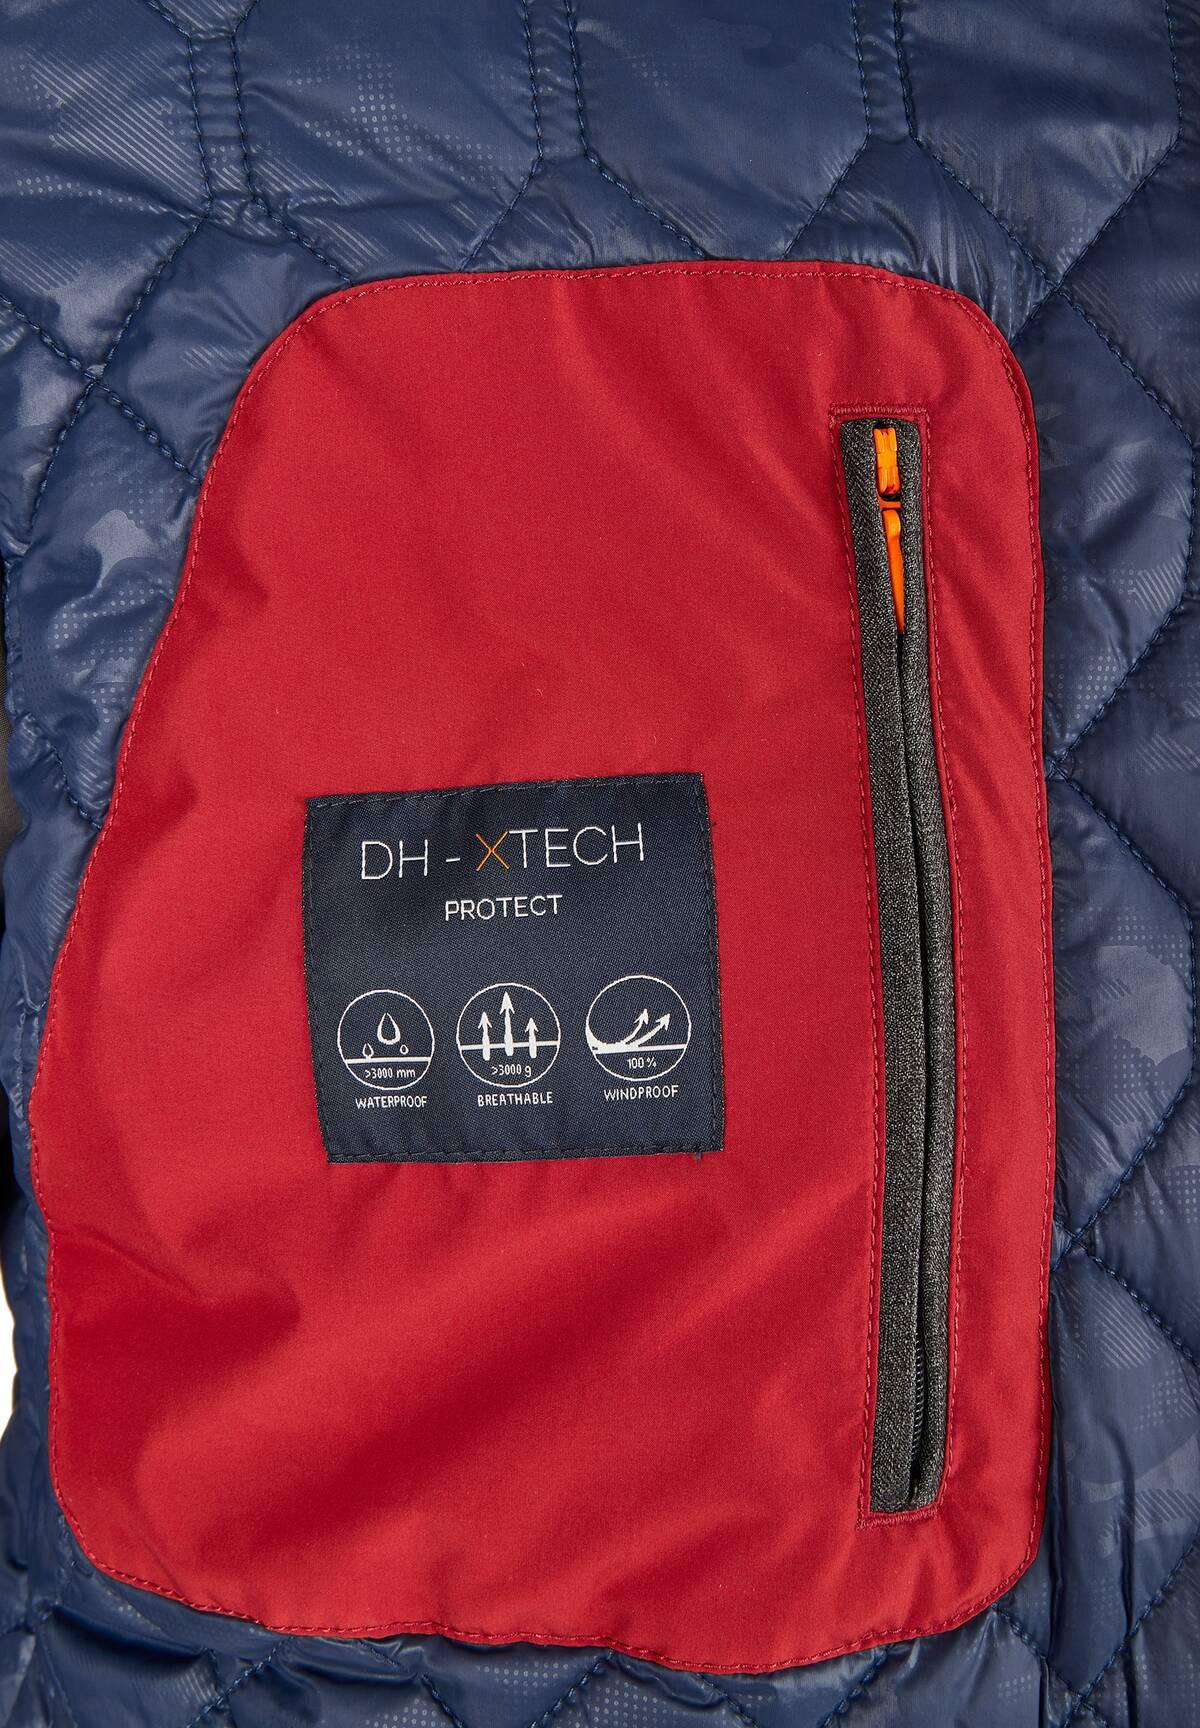 Blouson DH X TECH - PROTECT /